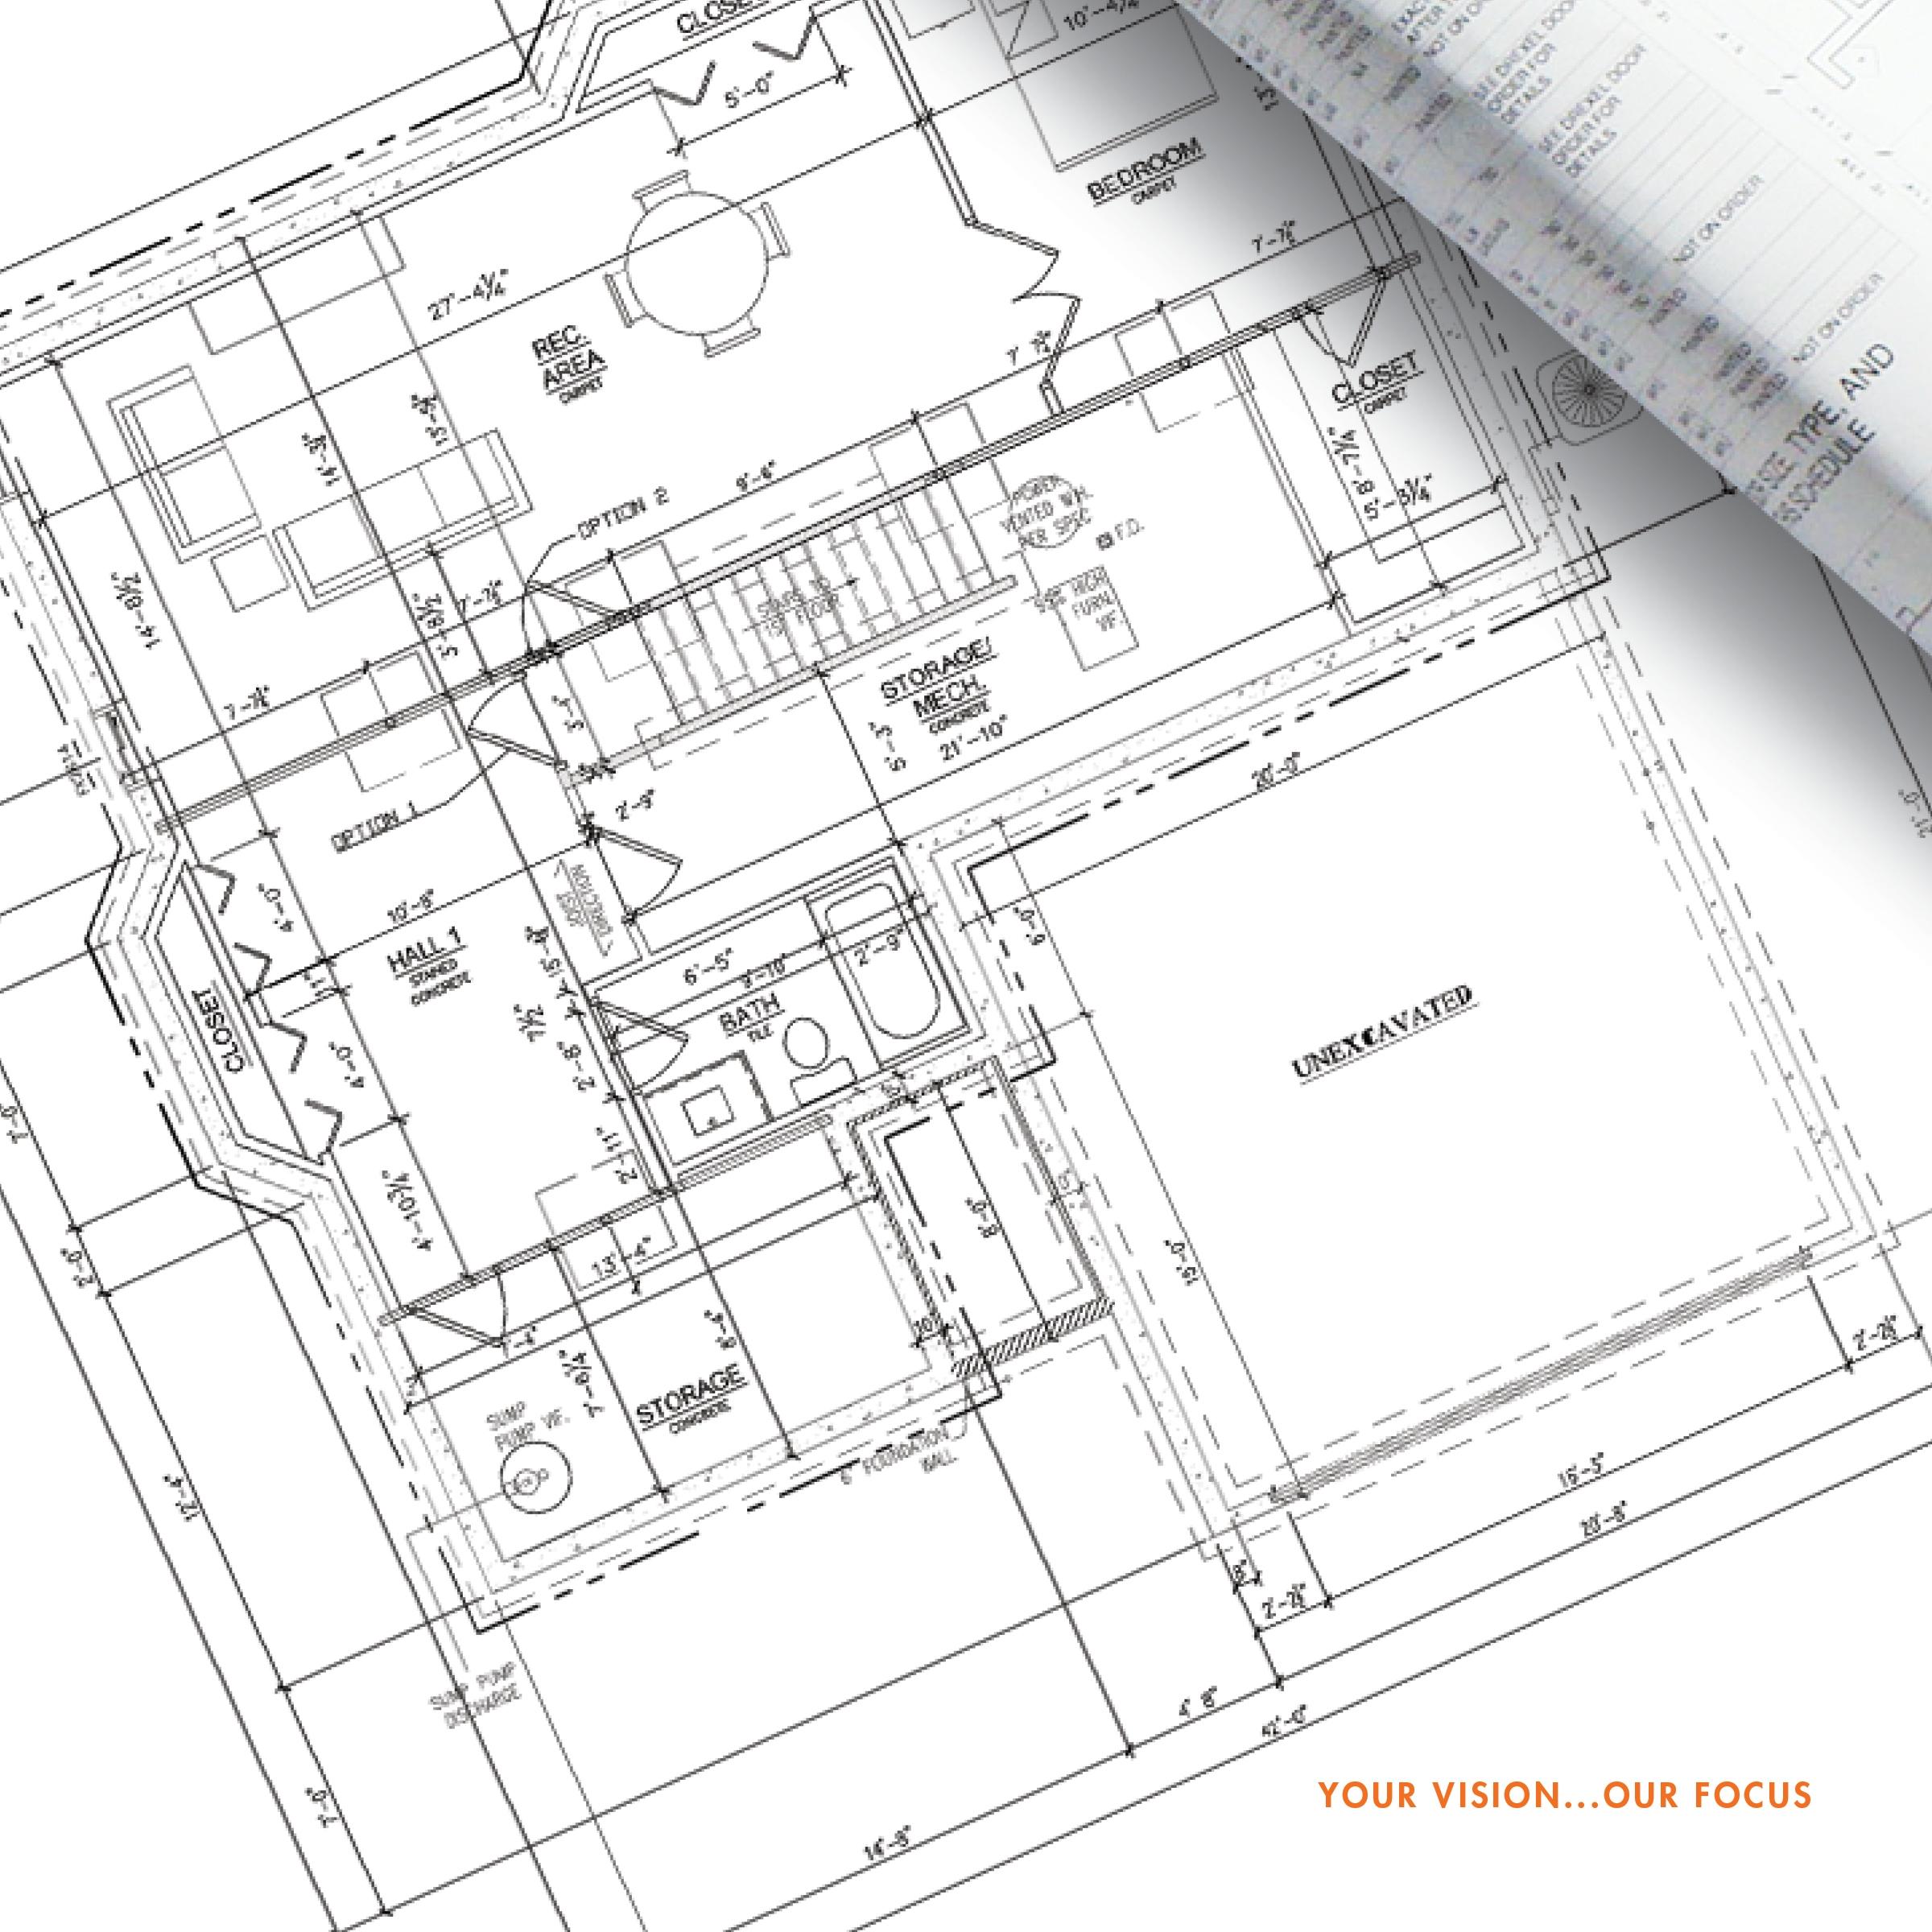 Ware_DesignProcess_Brochure_V137